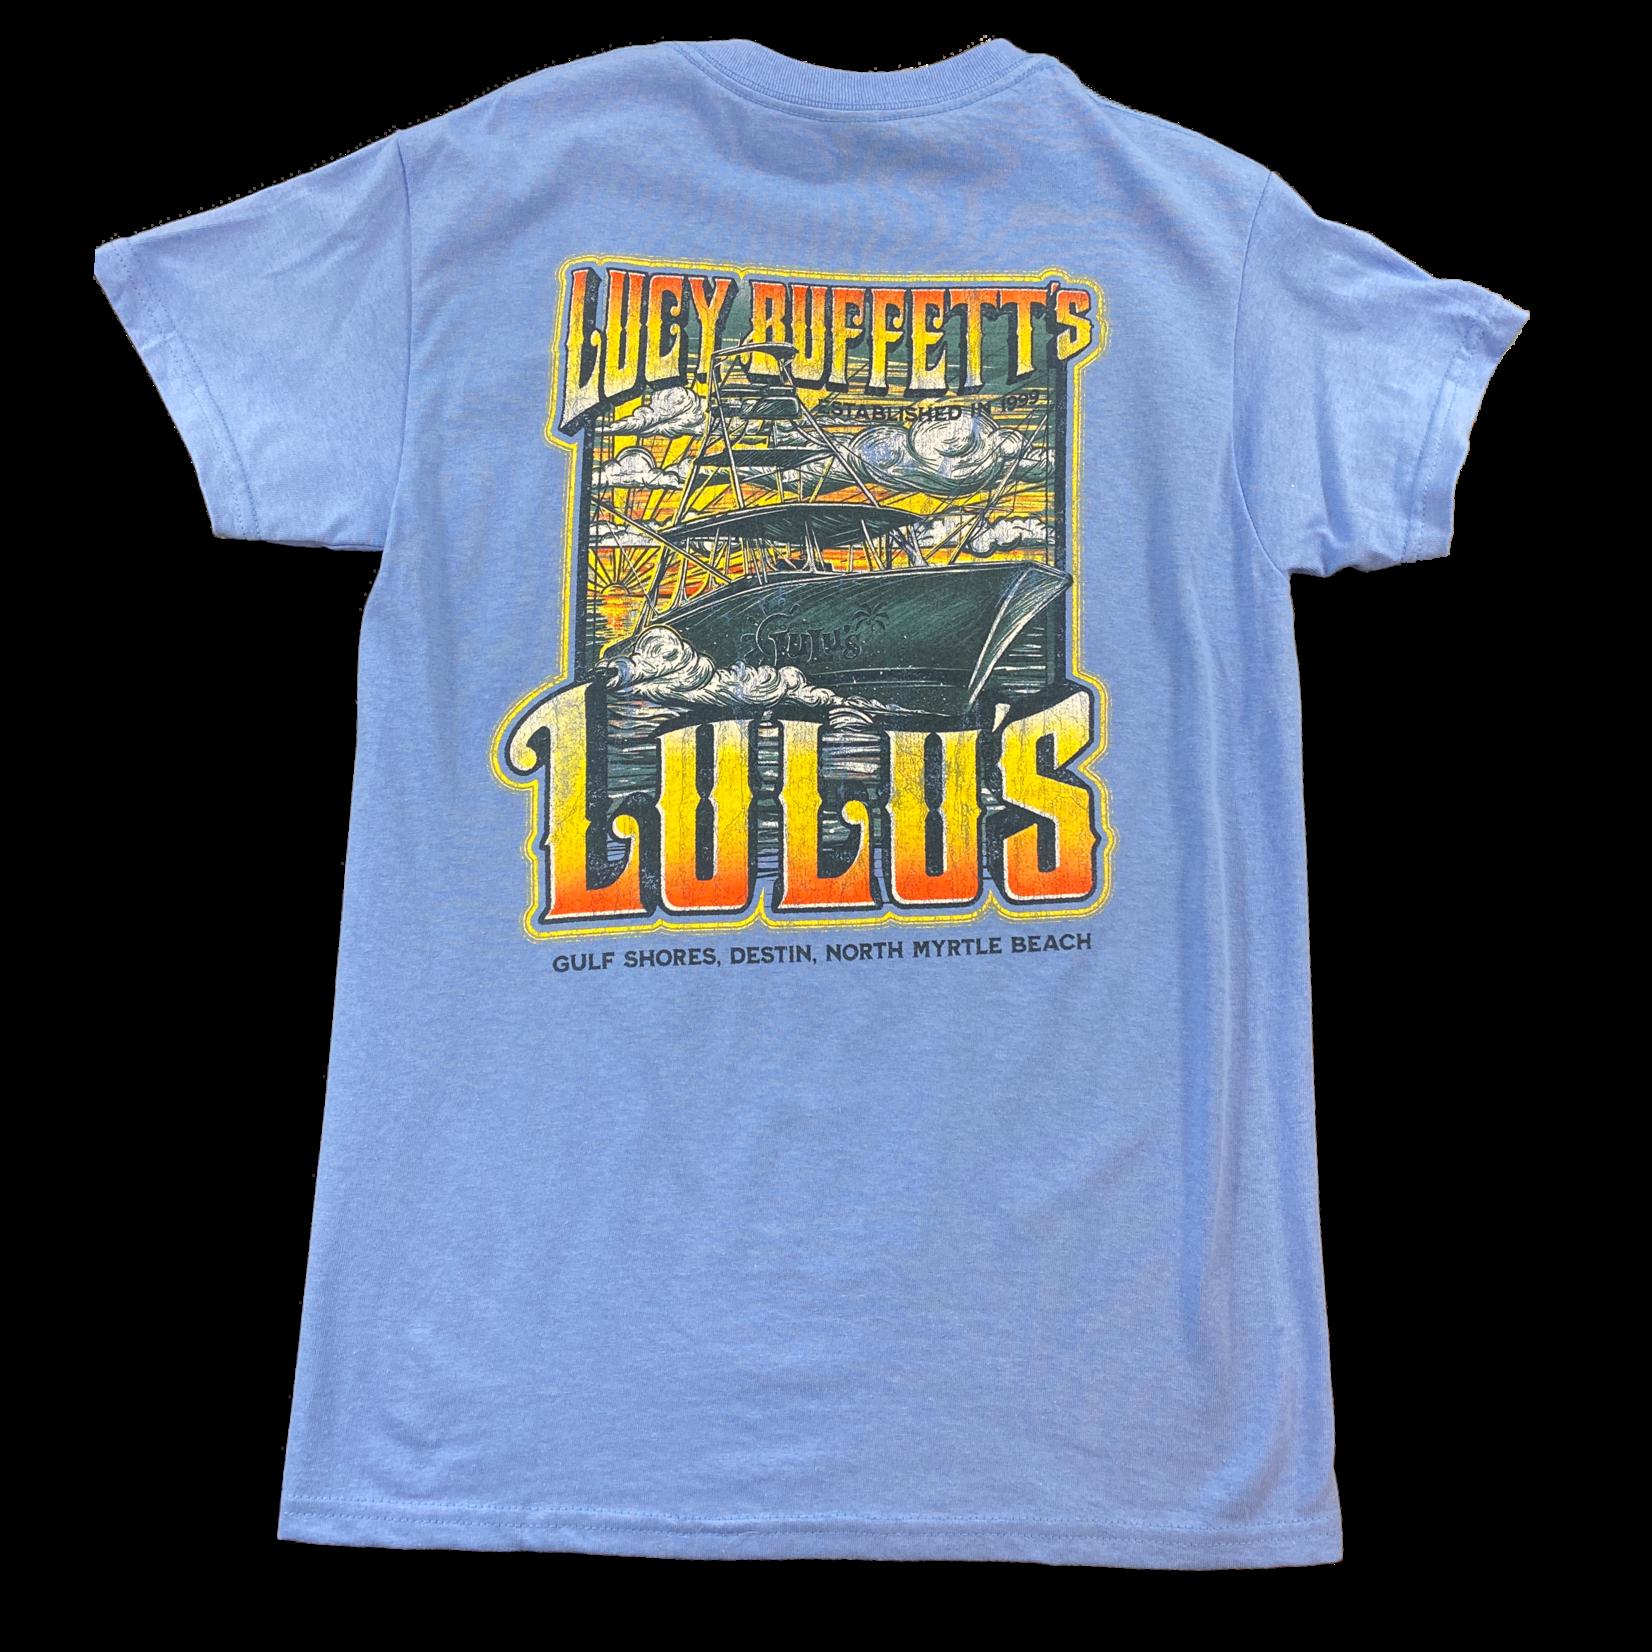 LuLus Boat Tee